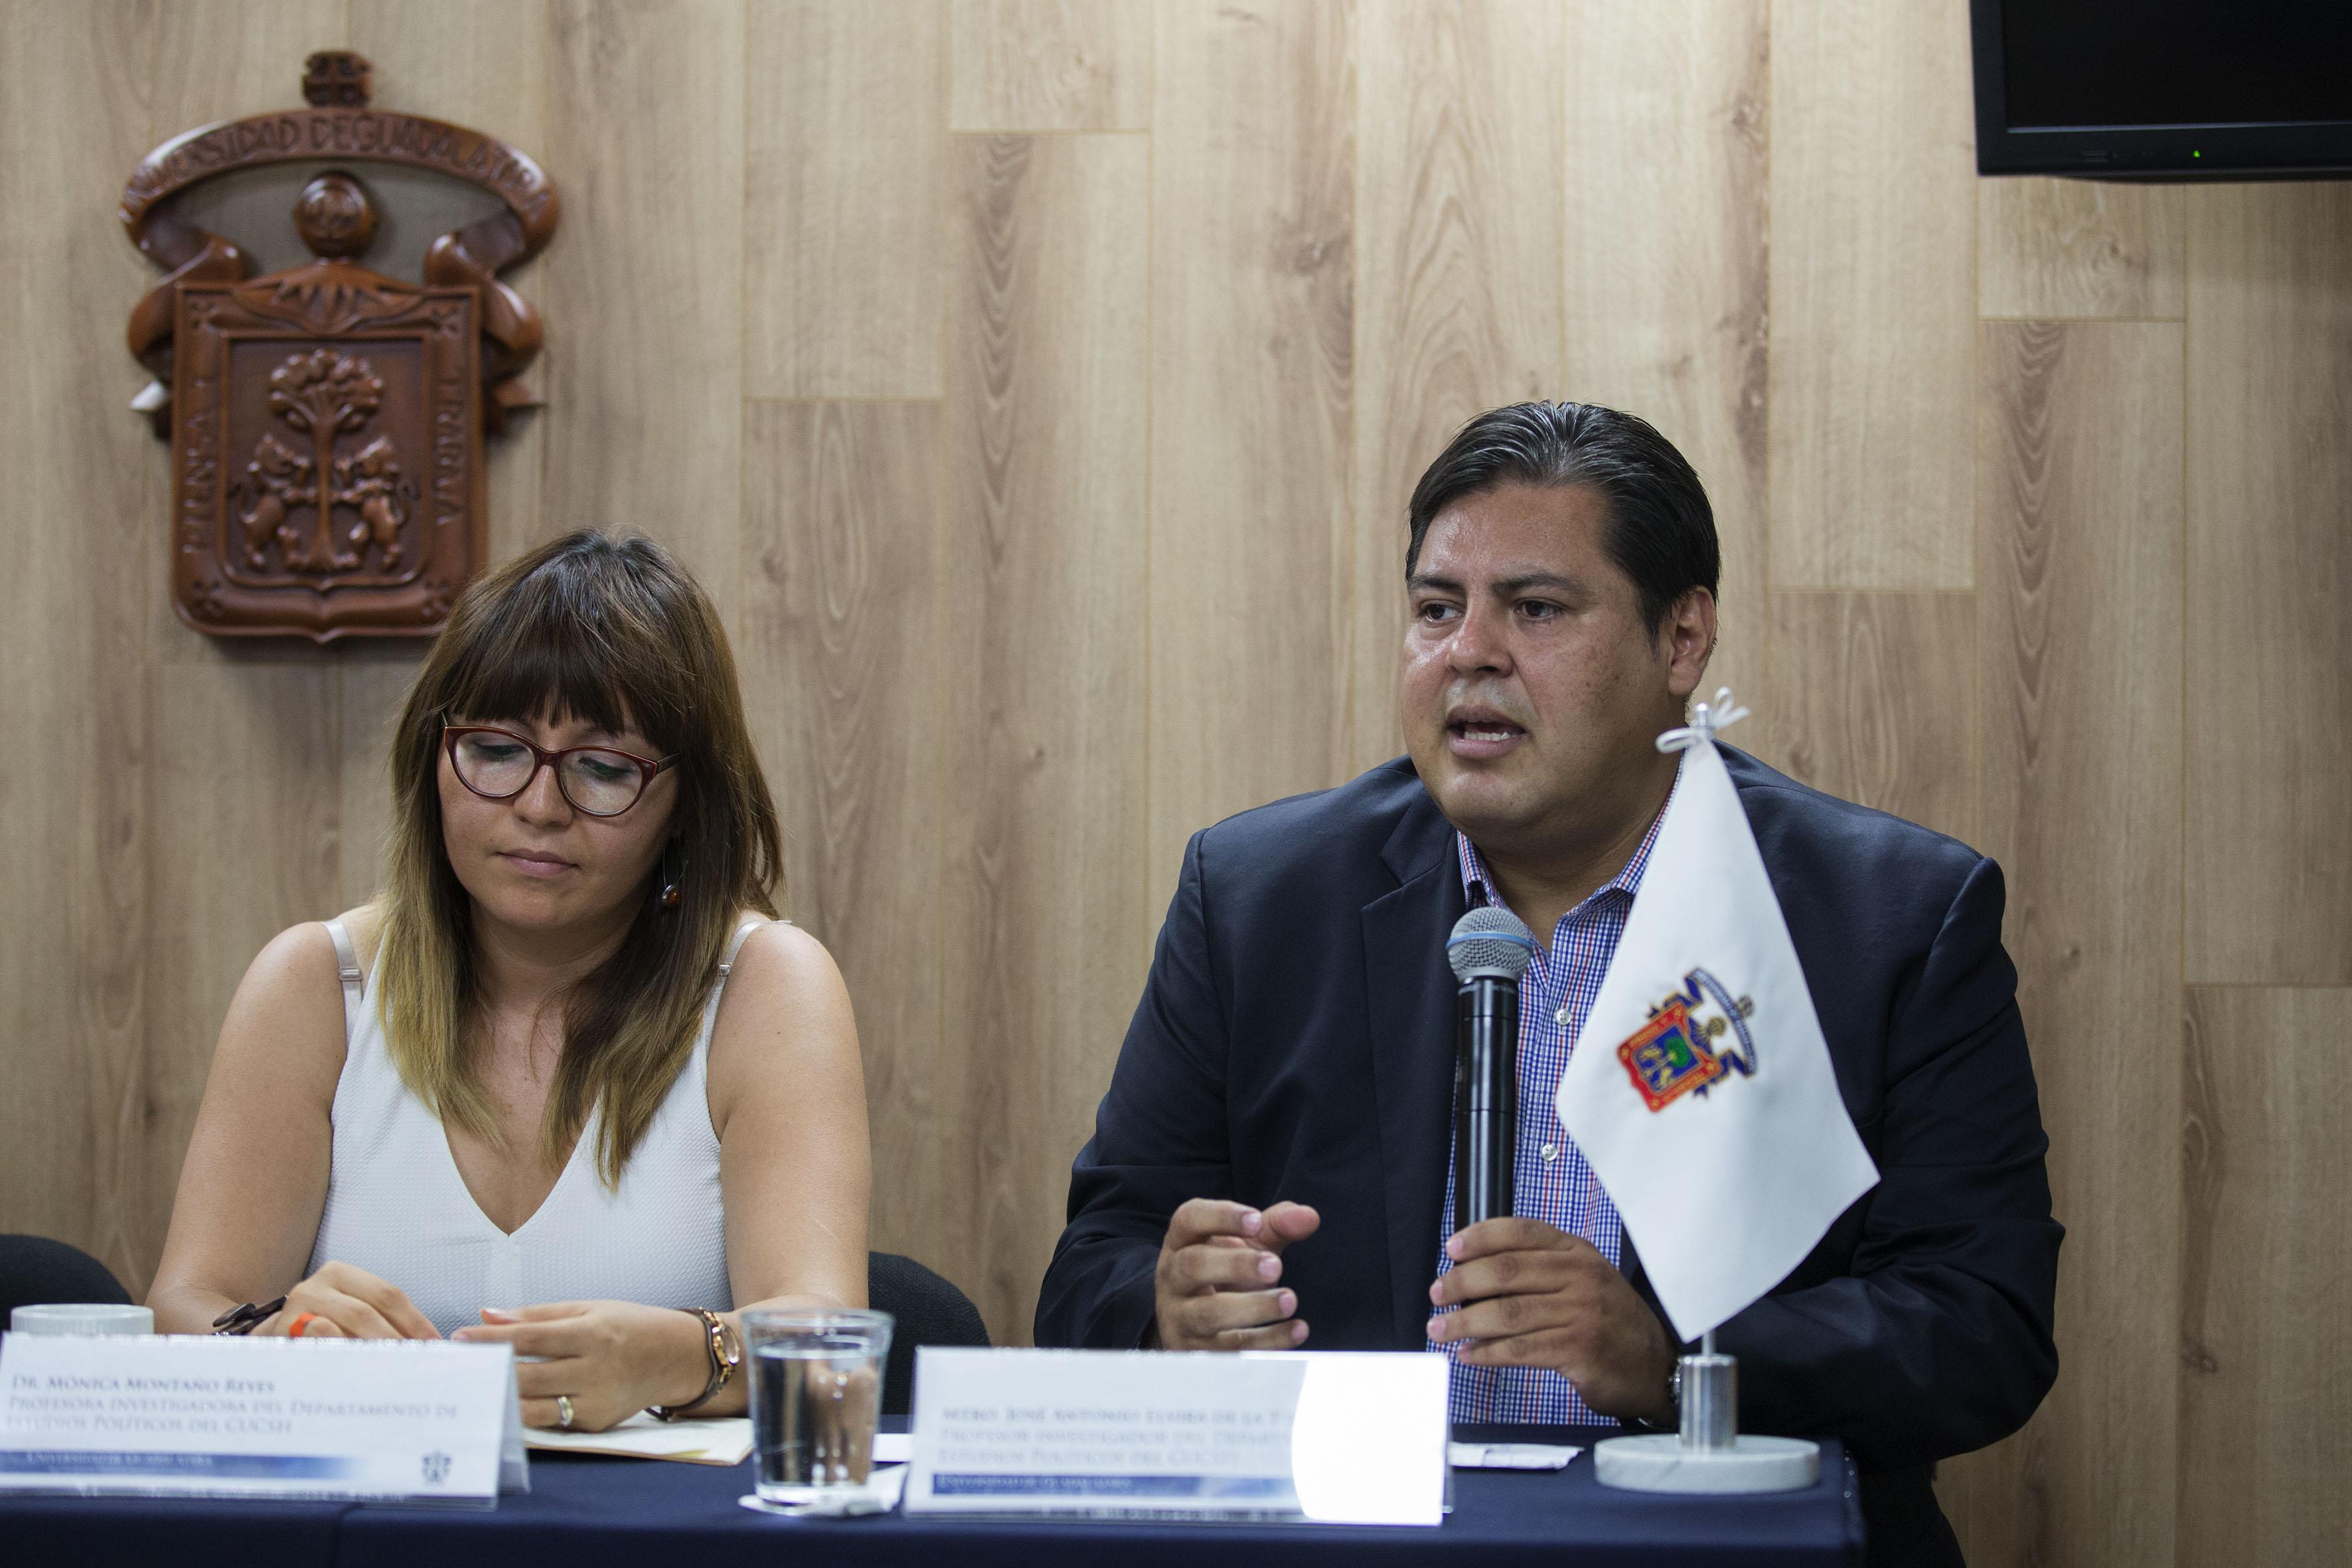 Académico Antonio Elvira de la Torre, con micrófono en mano, haciendo uso de la voz.